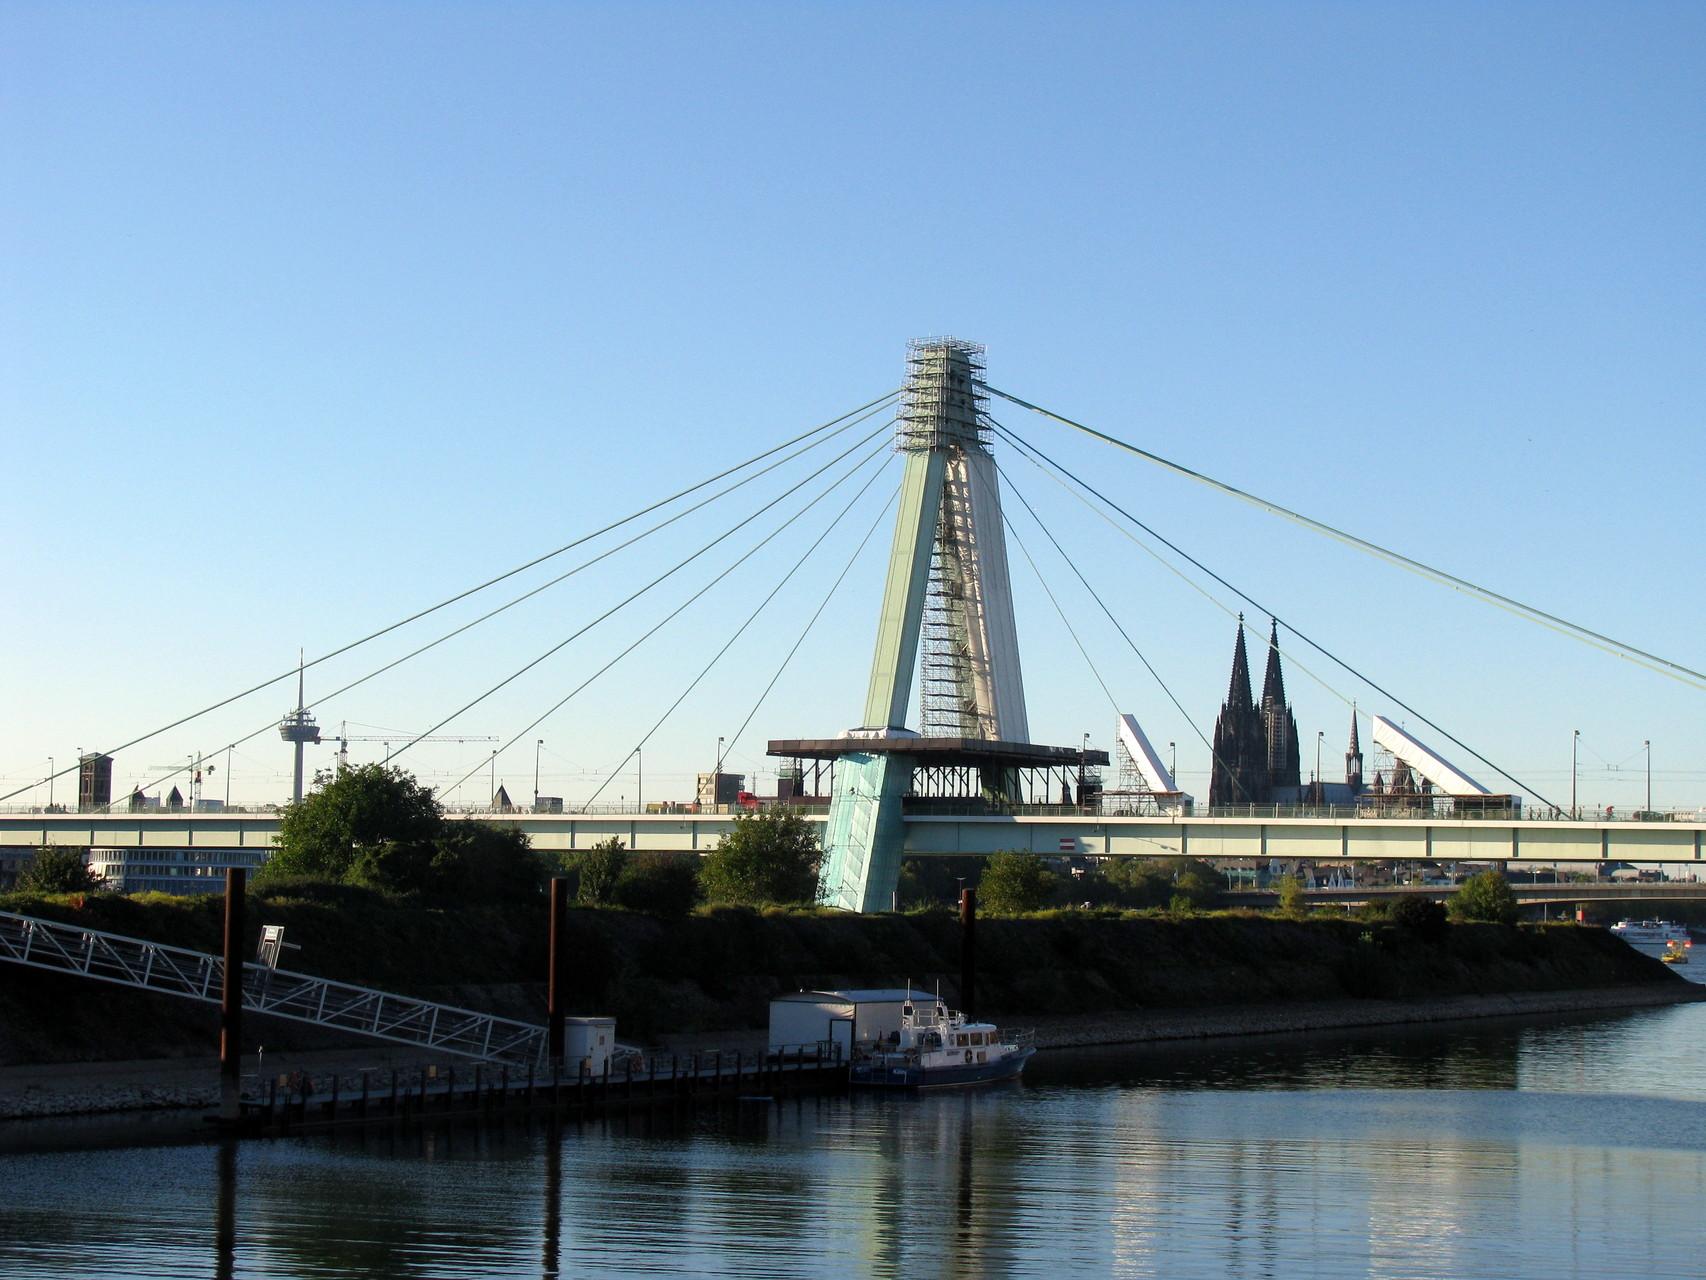 Geführte Fahrradtour - Blick über die Severinsbrücke auf den Kölner Dom